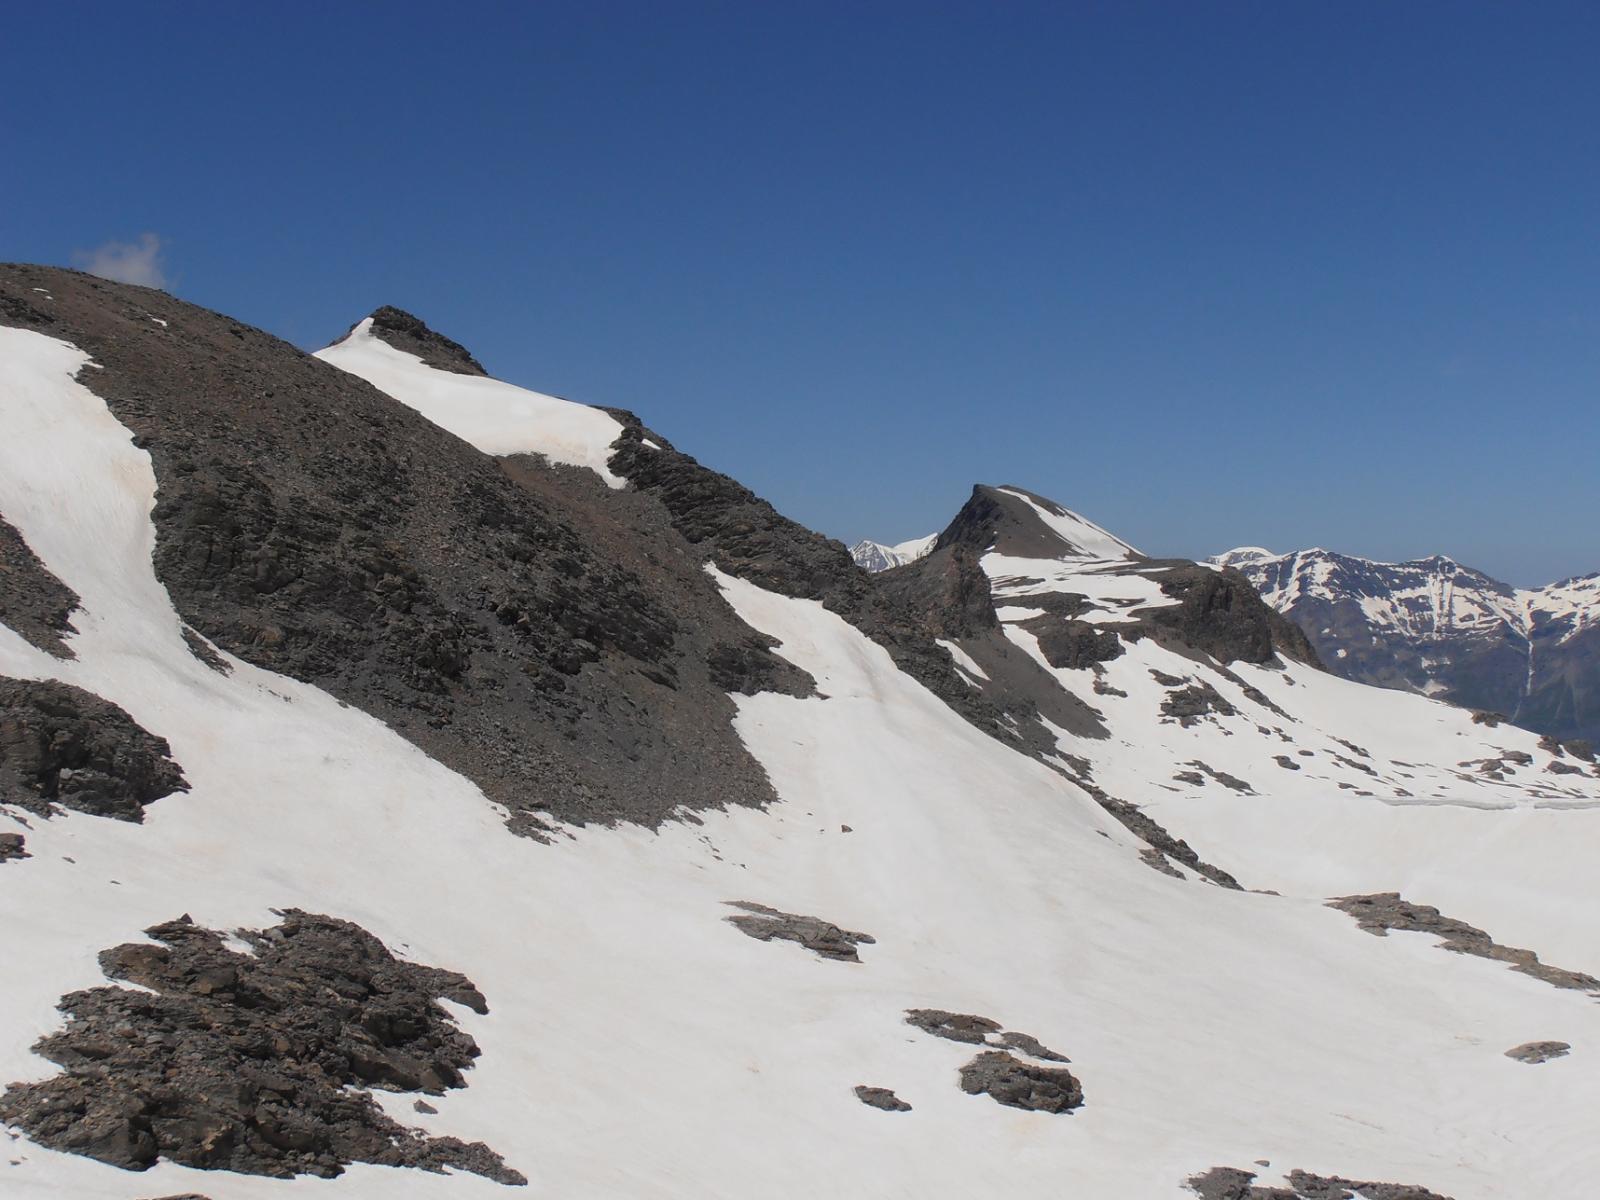 01 - Punta di Novalesa e Marmottere viste risalendo al Rocciamelone